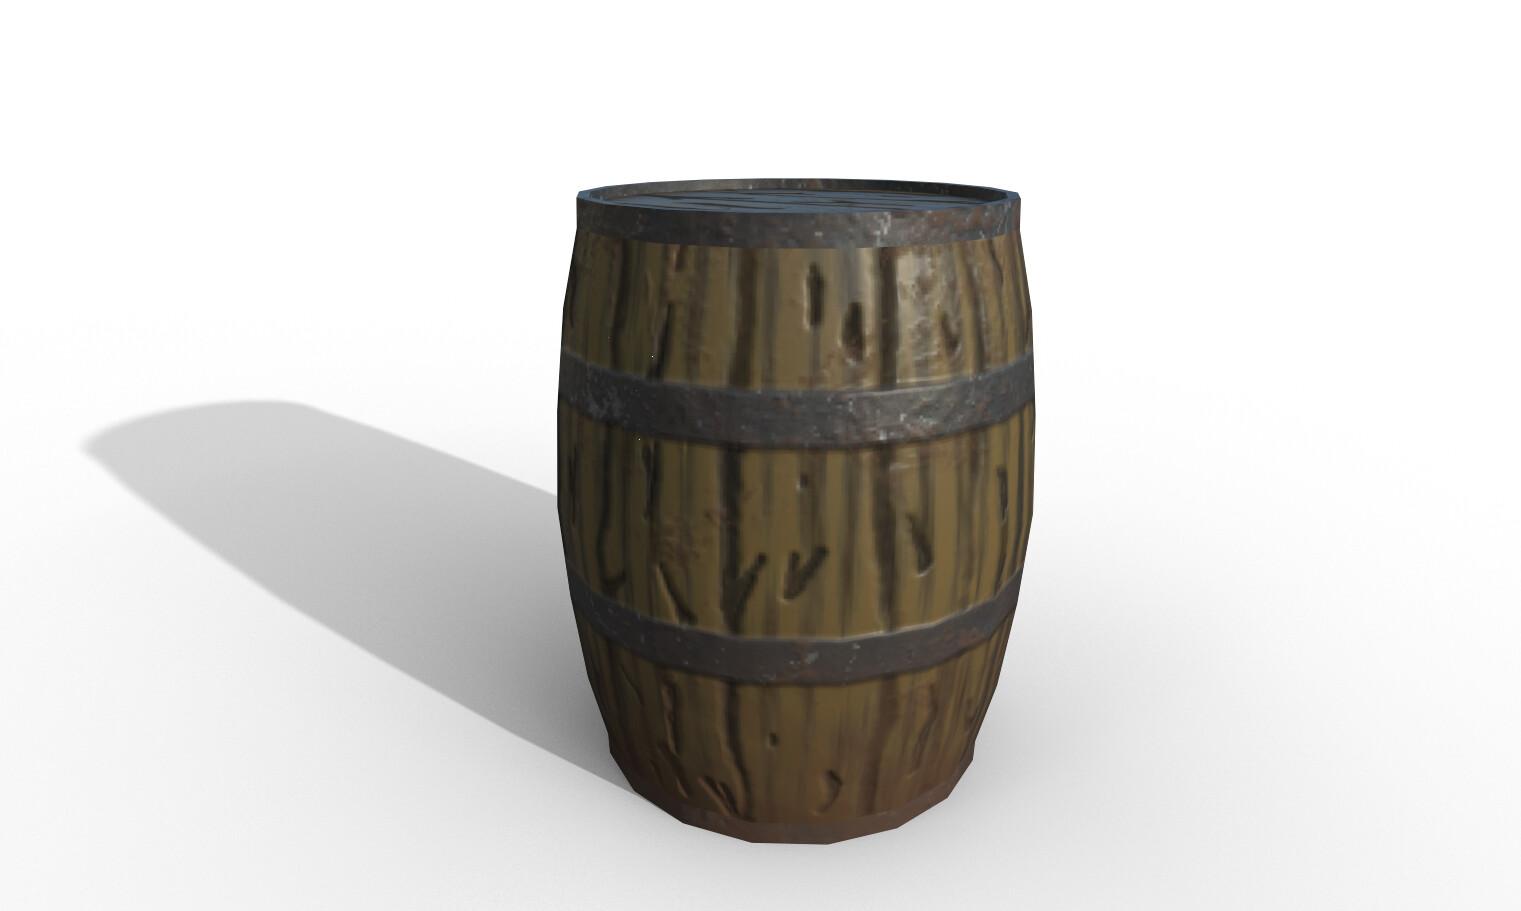 Textured barrel